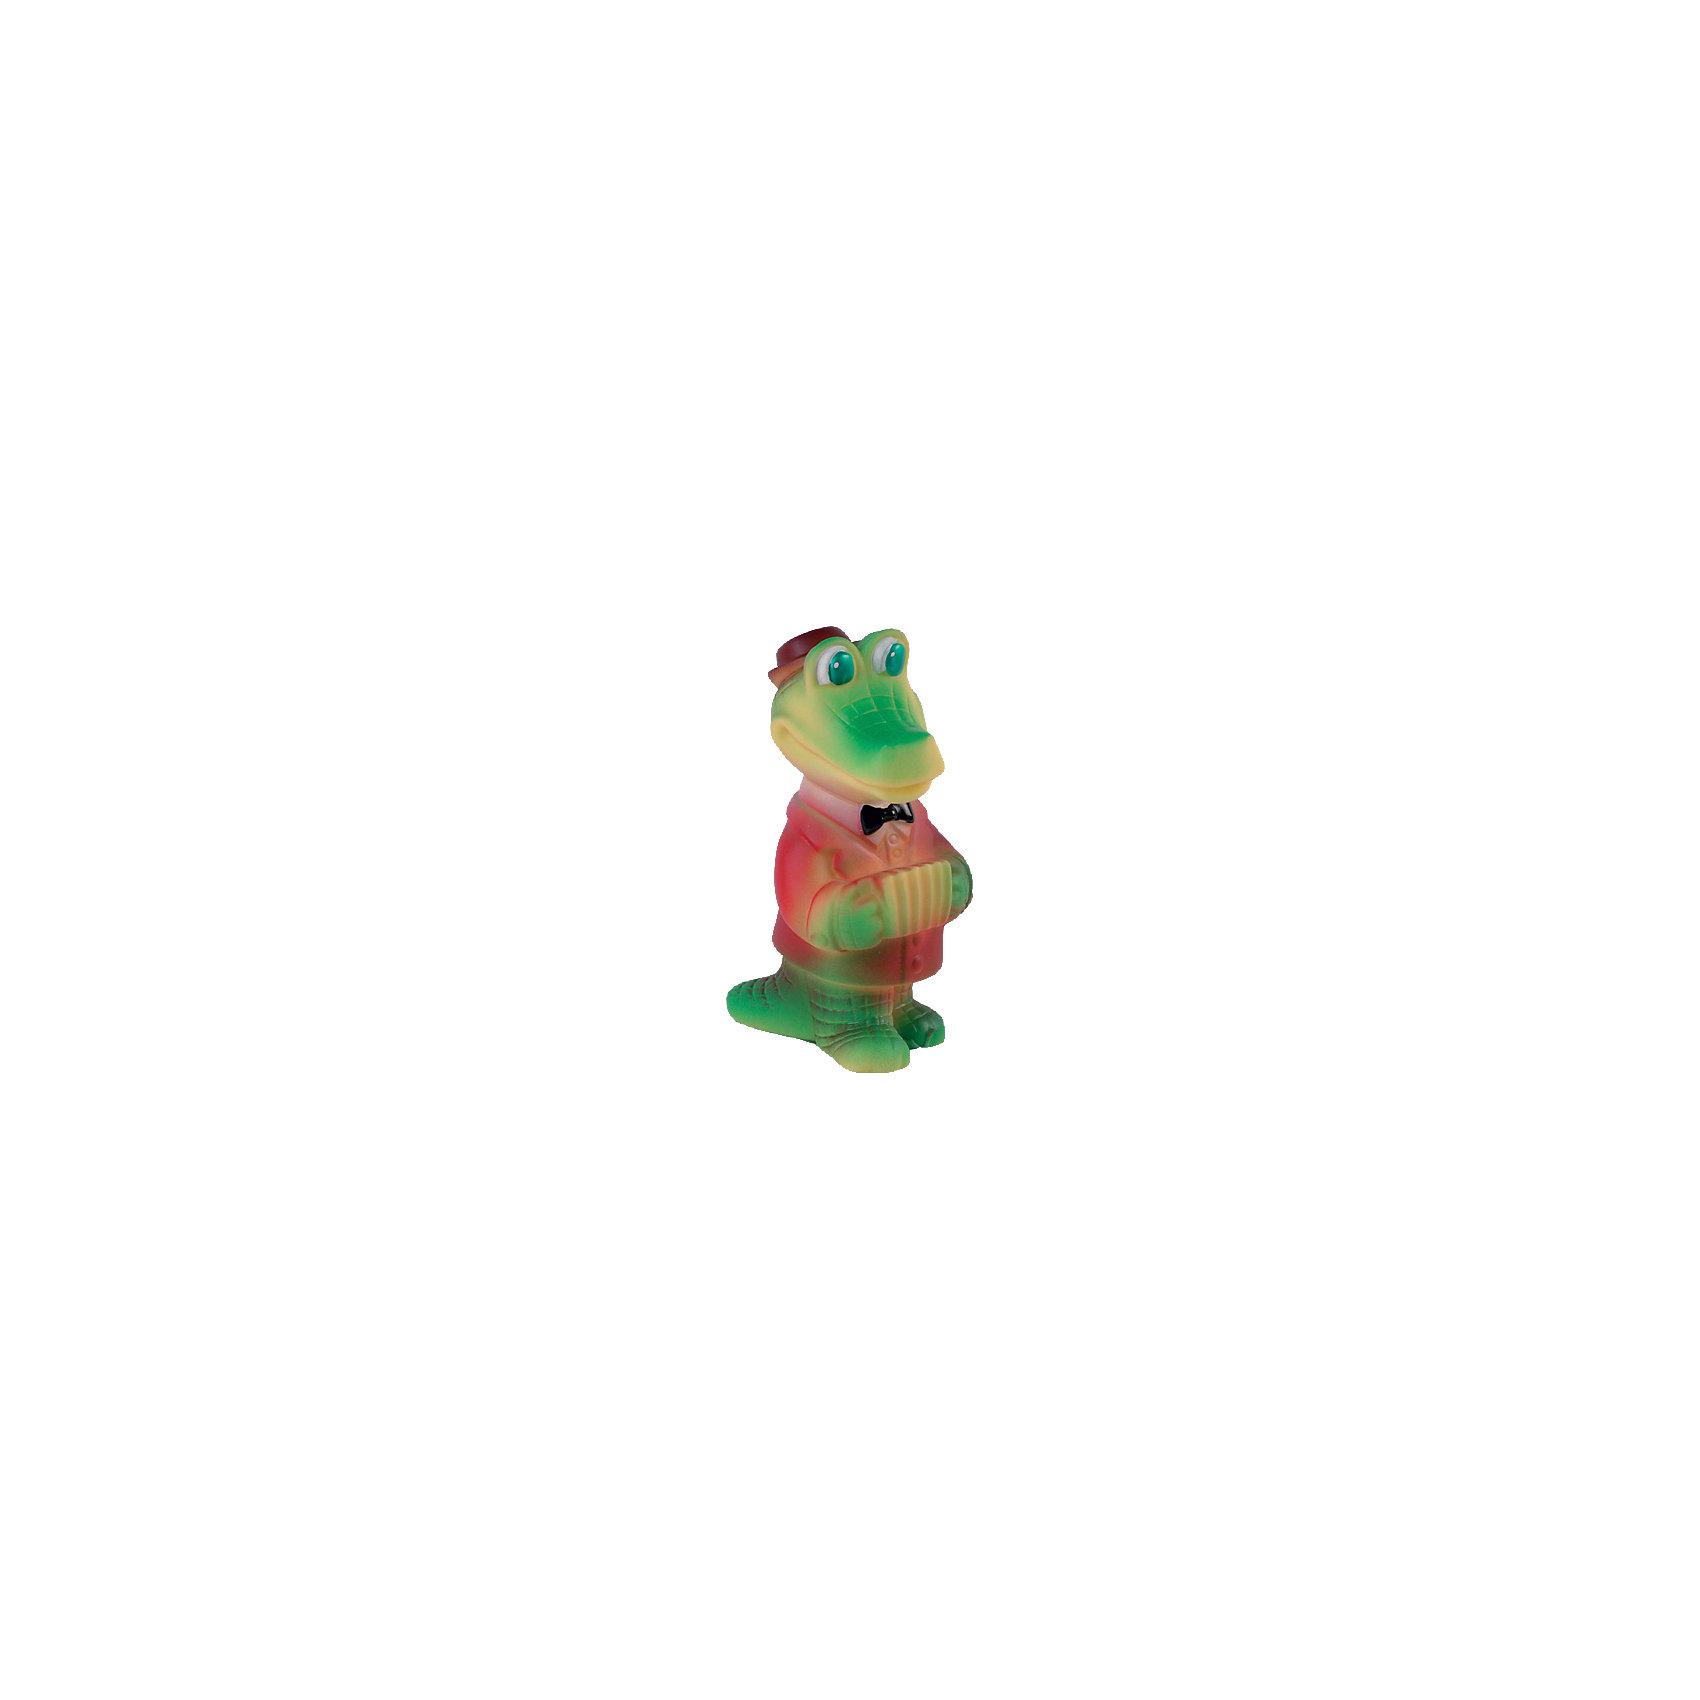 Крокодил-гармонист, ОгонекВсе родители знают, какую важную роль в развитие ребенка играют игрушки из ПВХ, которые многие ошибочно называют «игрушки из резины». Они помогают развивать моторику рук, знакомят с формой, цветом, образами. Раньше, во времена наших родителей, эту роль выполняли резиновые детские игрушки, а теперь можно играть с яркими и безопасными изделиями из ПВХ.<br><br>Ширина мм: 170<br>Глубина мм: 160<br>Высота мм: 95<br>Вес г: 50<br>Возраст от месяцев: 12<br>Возраст до месяцев: 120<br>Пол: Унисекс<br>Возраст: Детский<br>SKU: 4527443